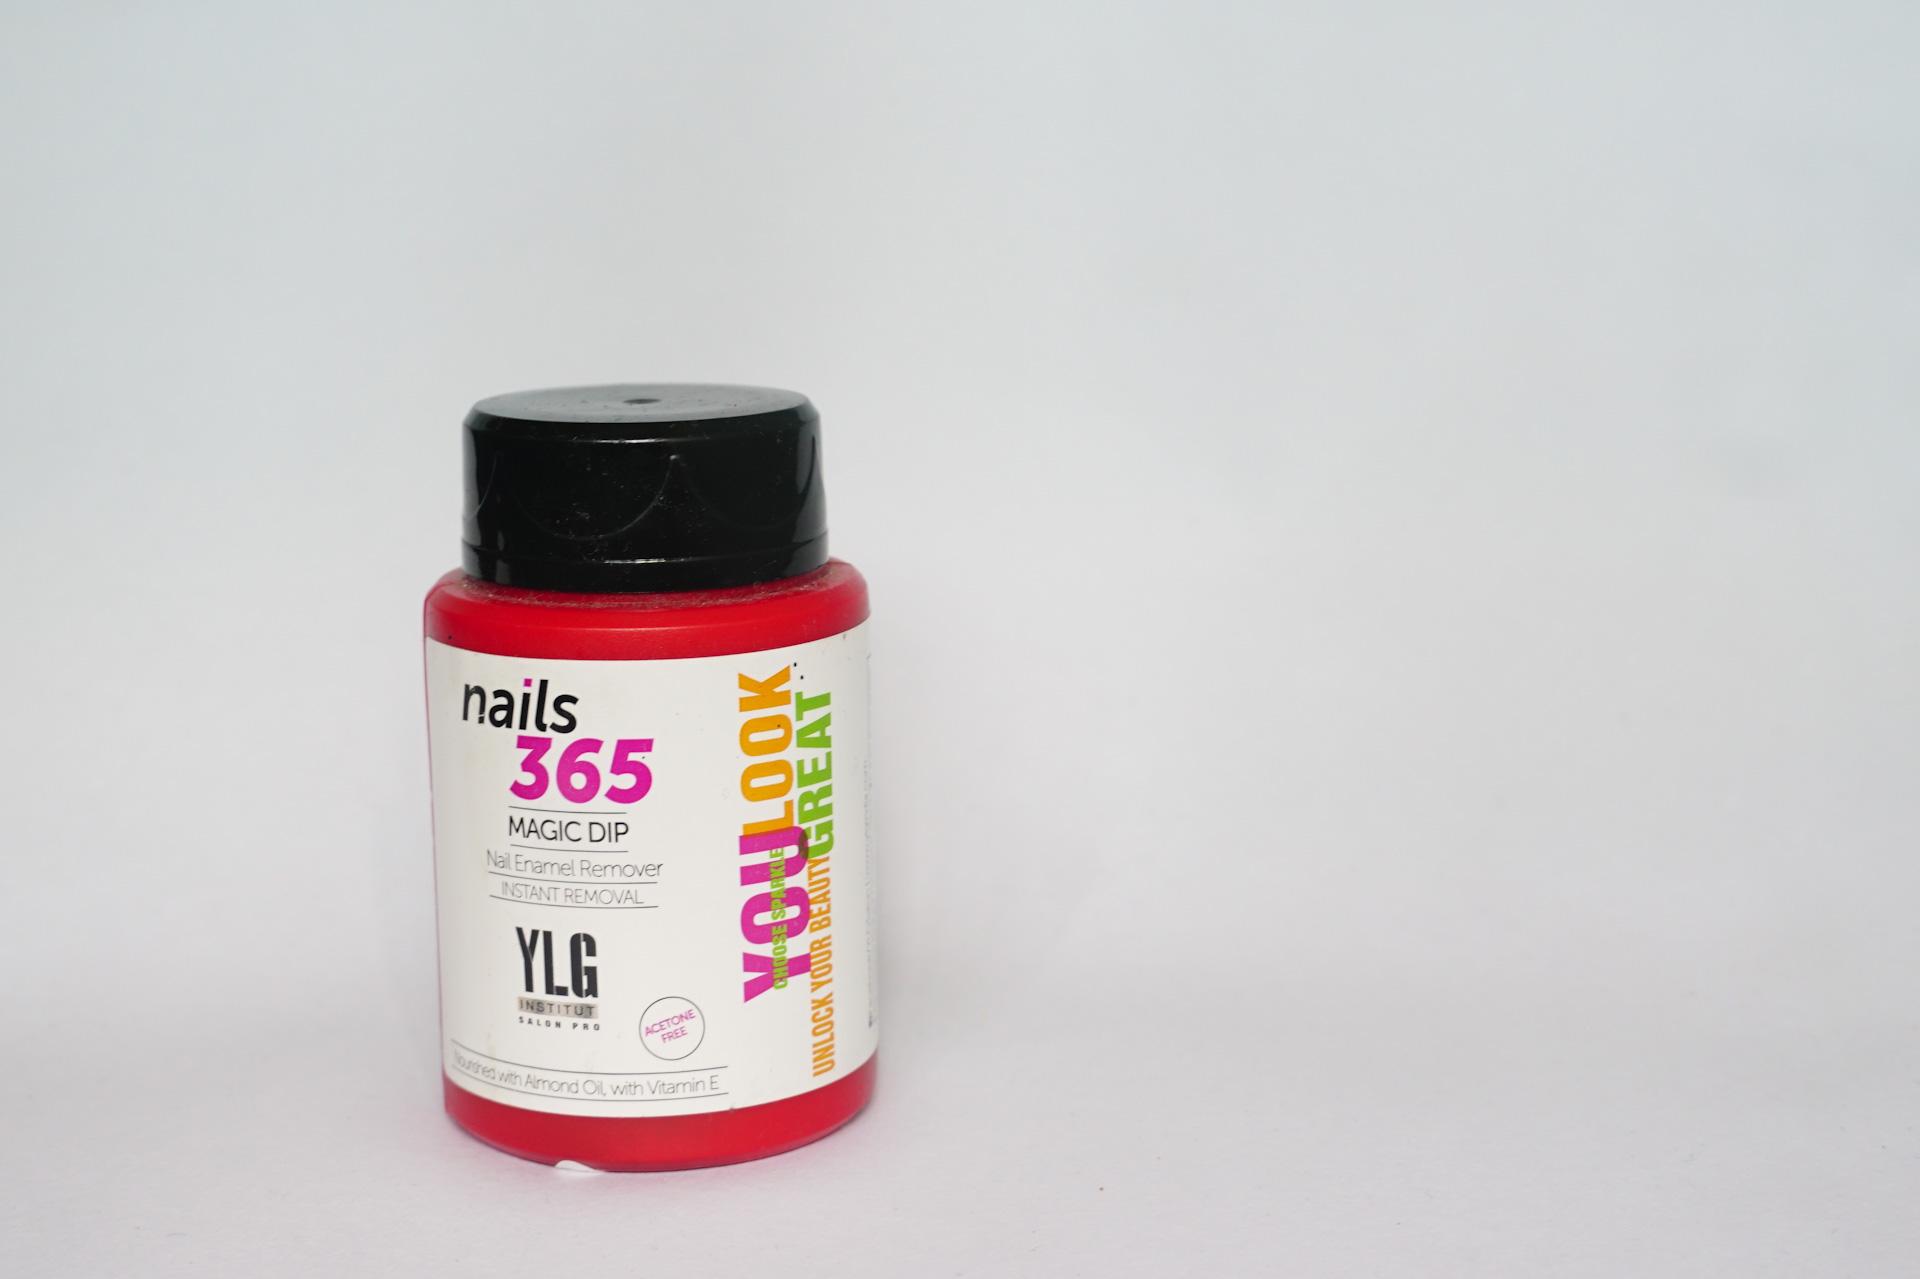 YLG Nails 365 Magic Dip Nail Enamel Remover